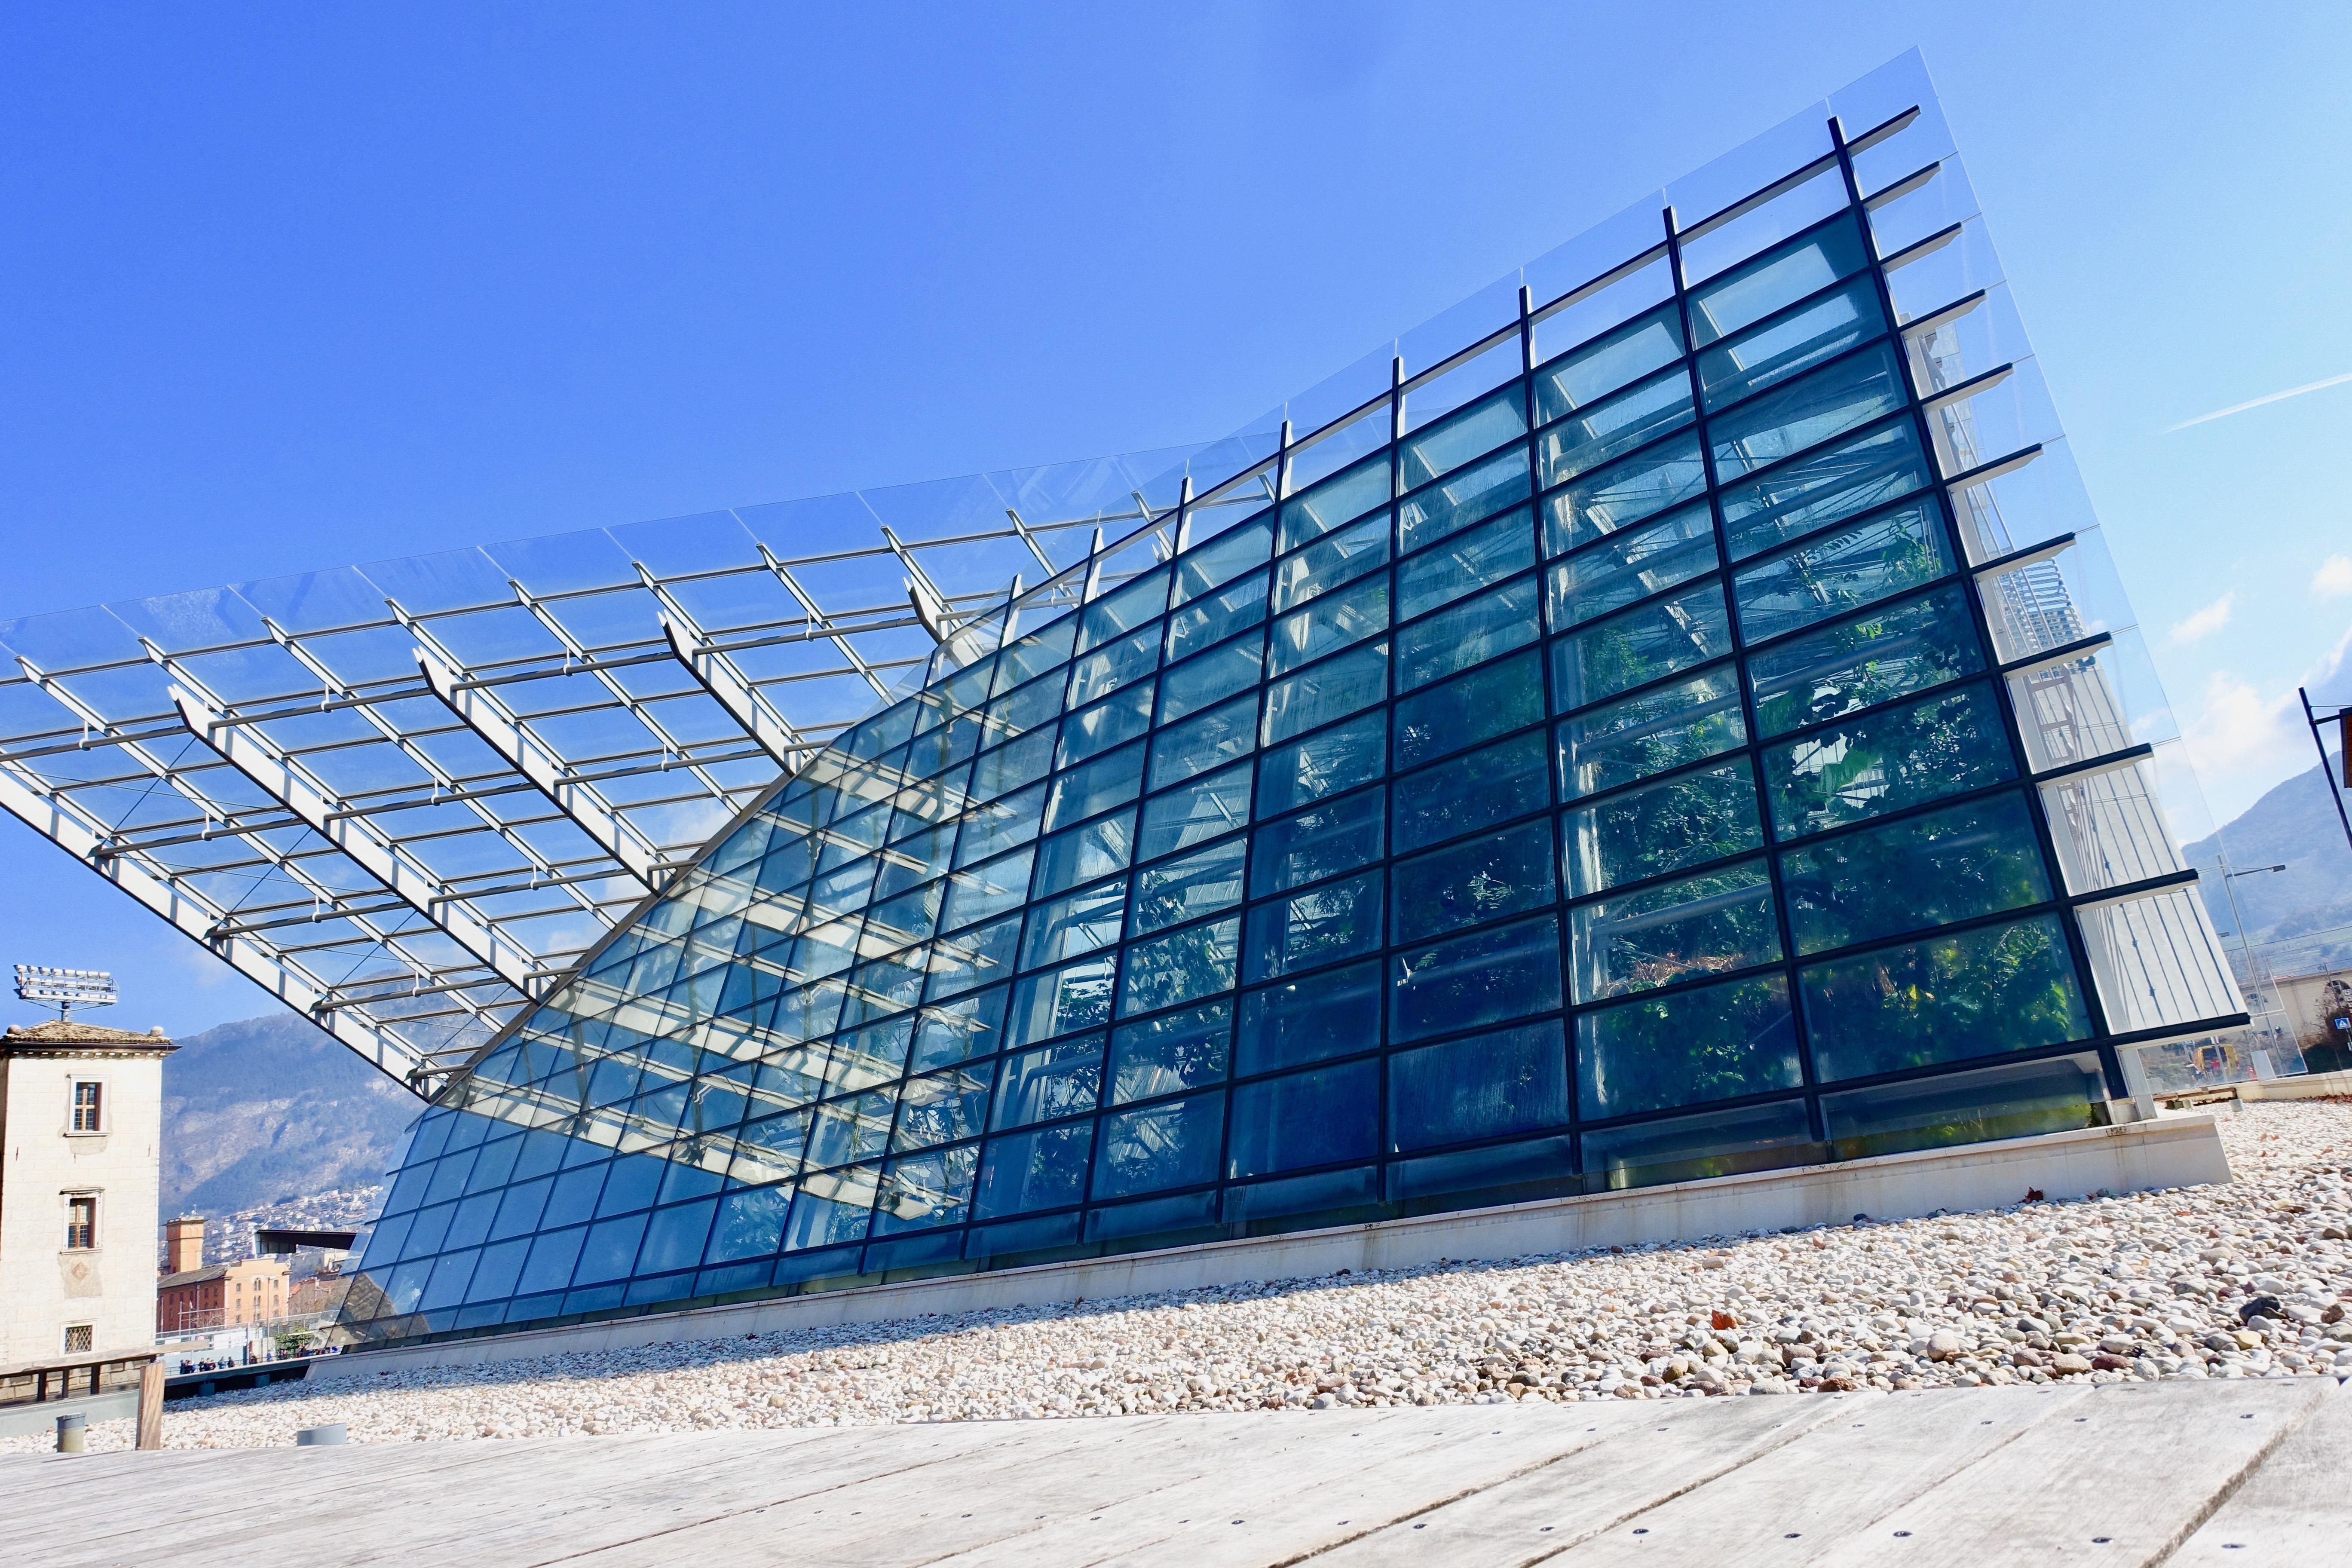 Naturkunde- und Wissenschafts Museum Trient